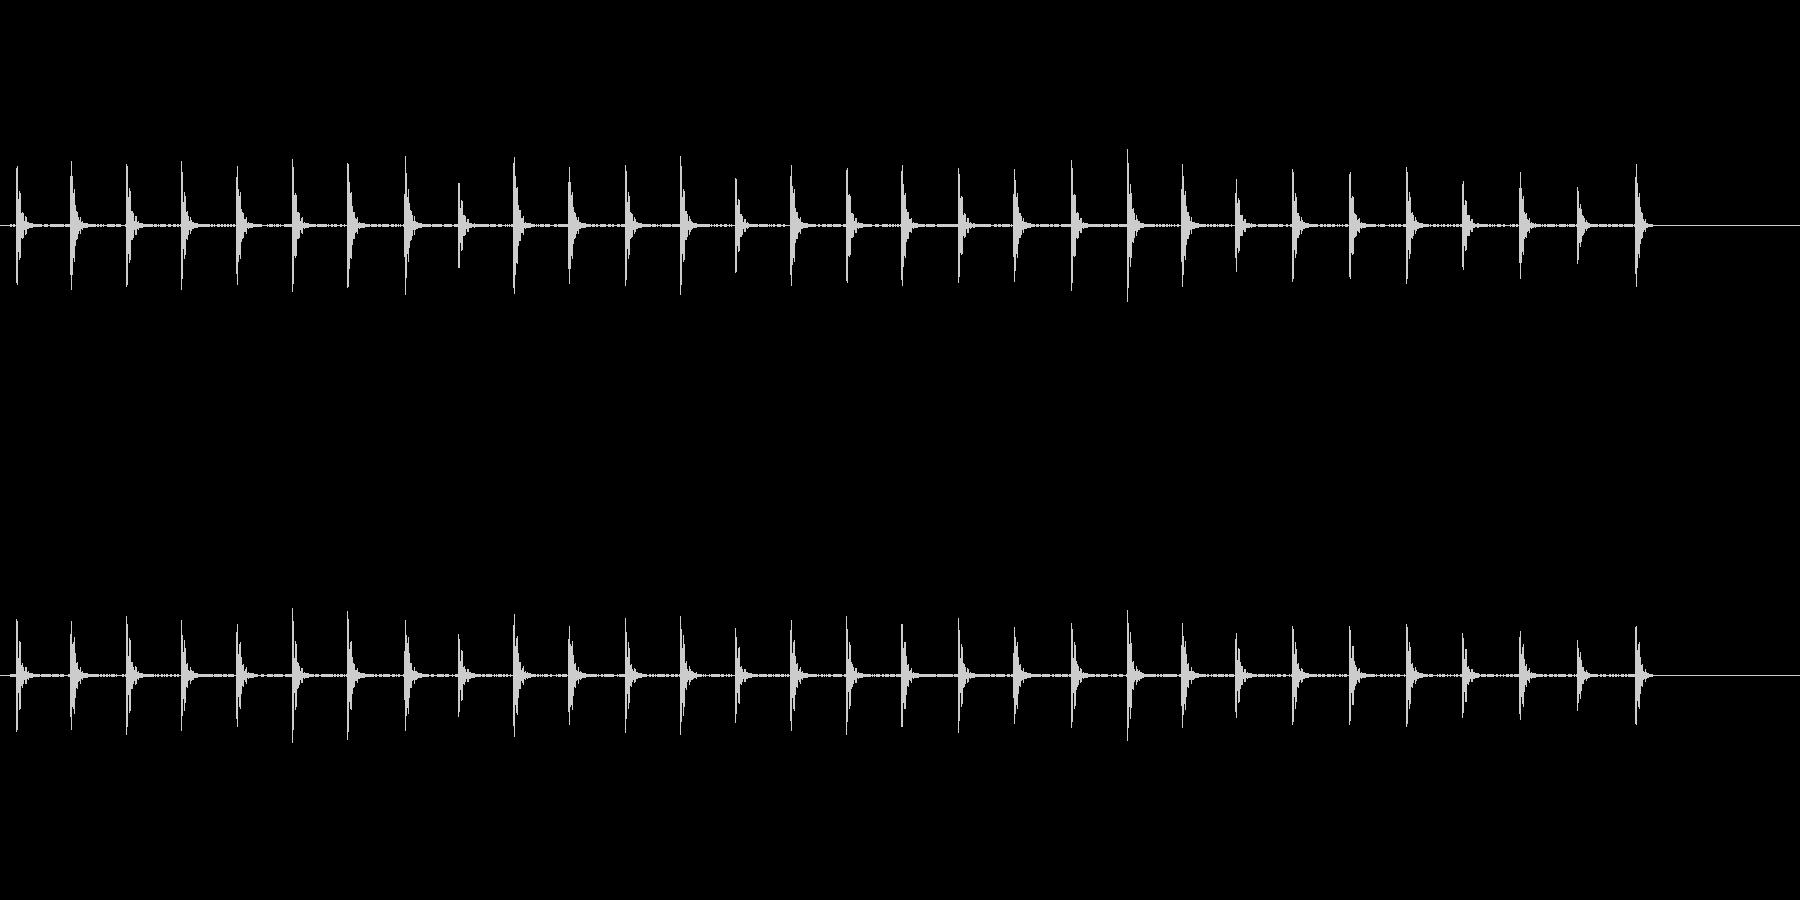 自然の中での木魚(背景音あり)の未再生の波形